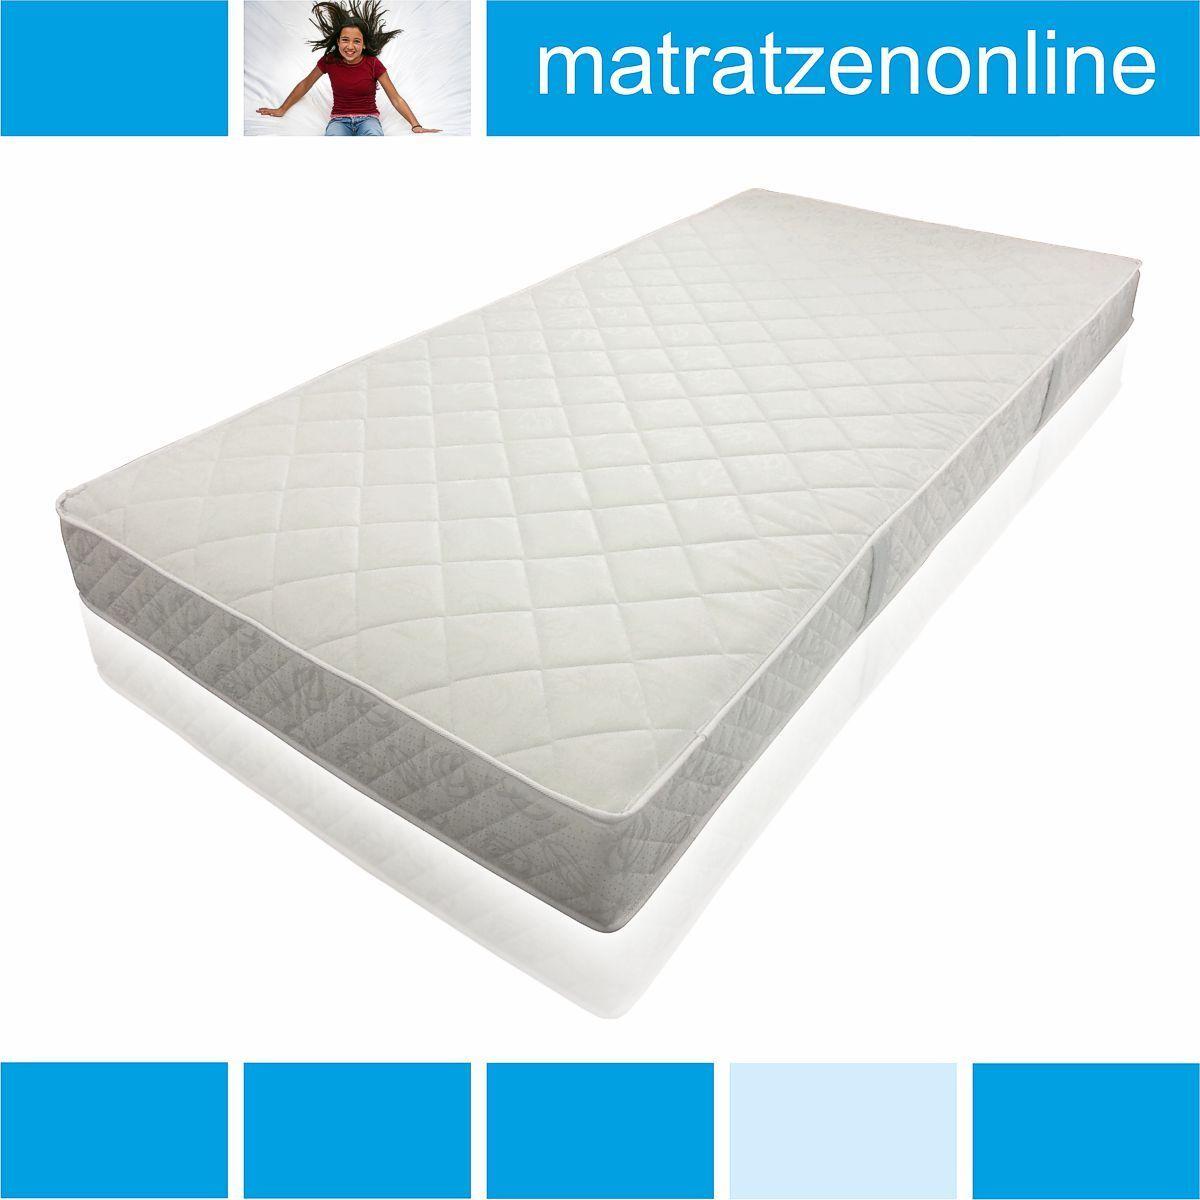 18 cm hohe Federkern Matratze - gut und günstig, tolles Angebot  Ideal